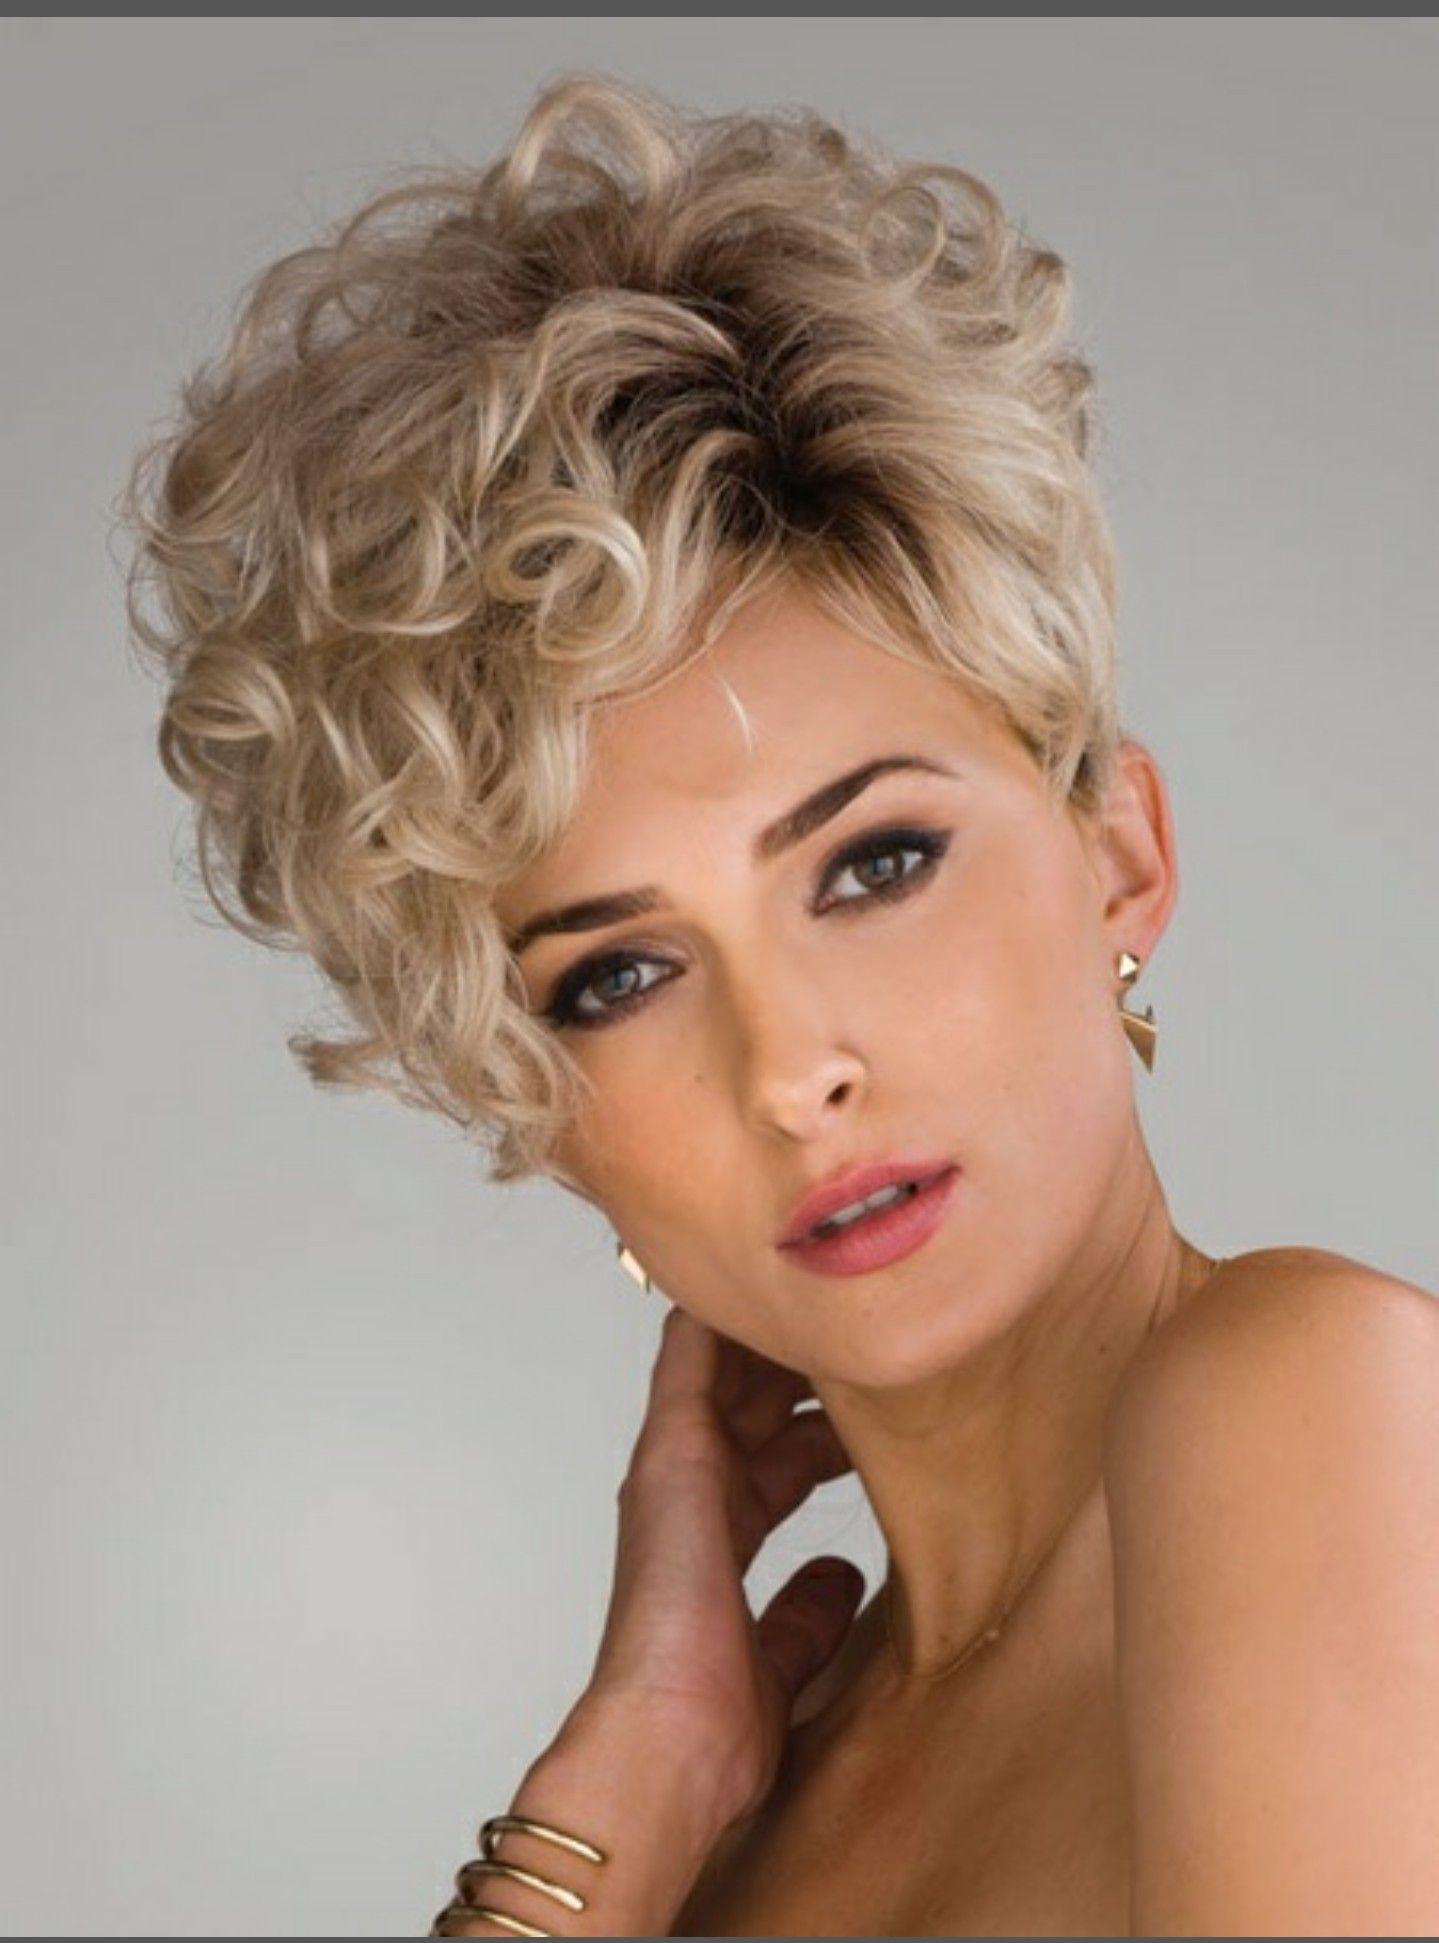 Pin Van Cheryl Turk Op Cabelo Kapsels Korte Kapsels Krullend Haar Kort Haar Kapsels